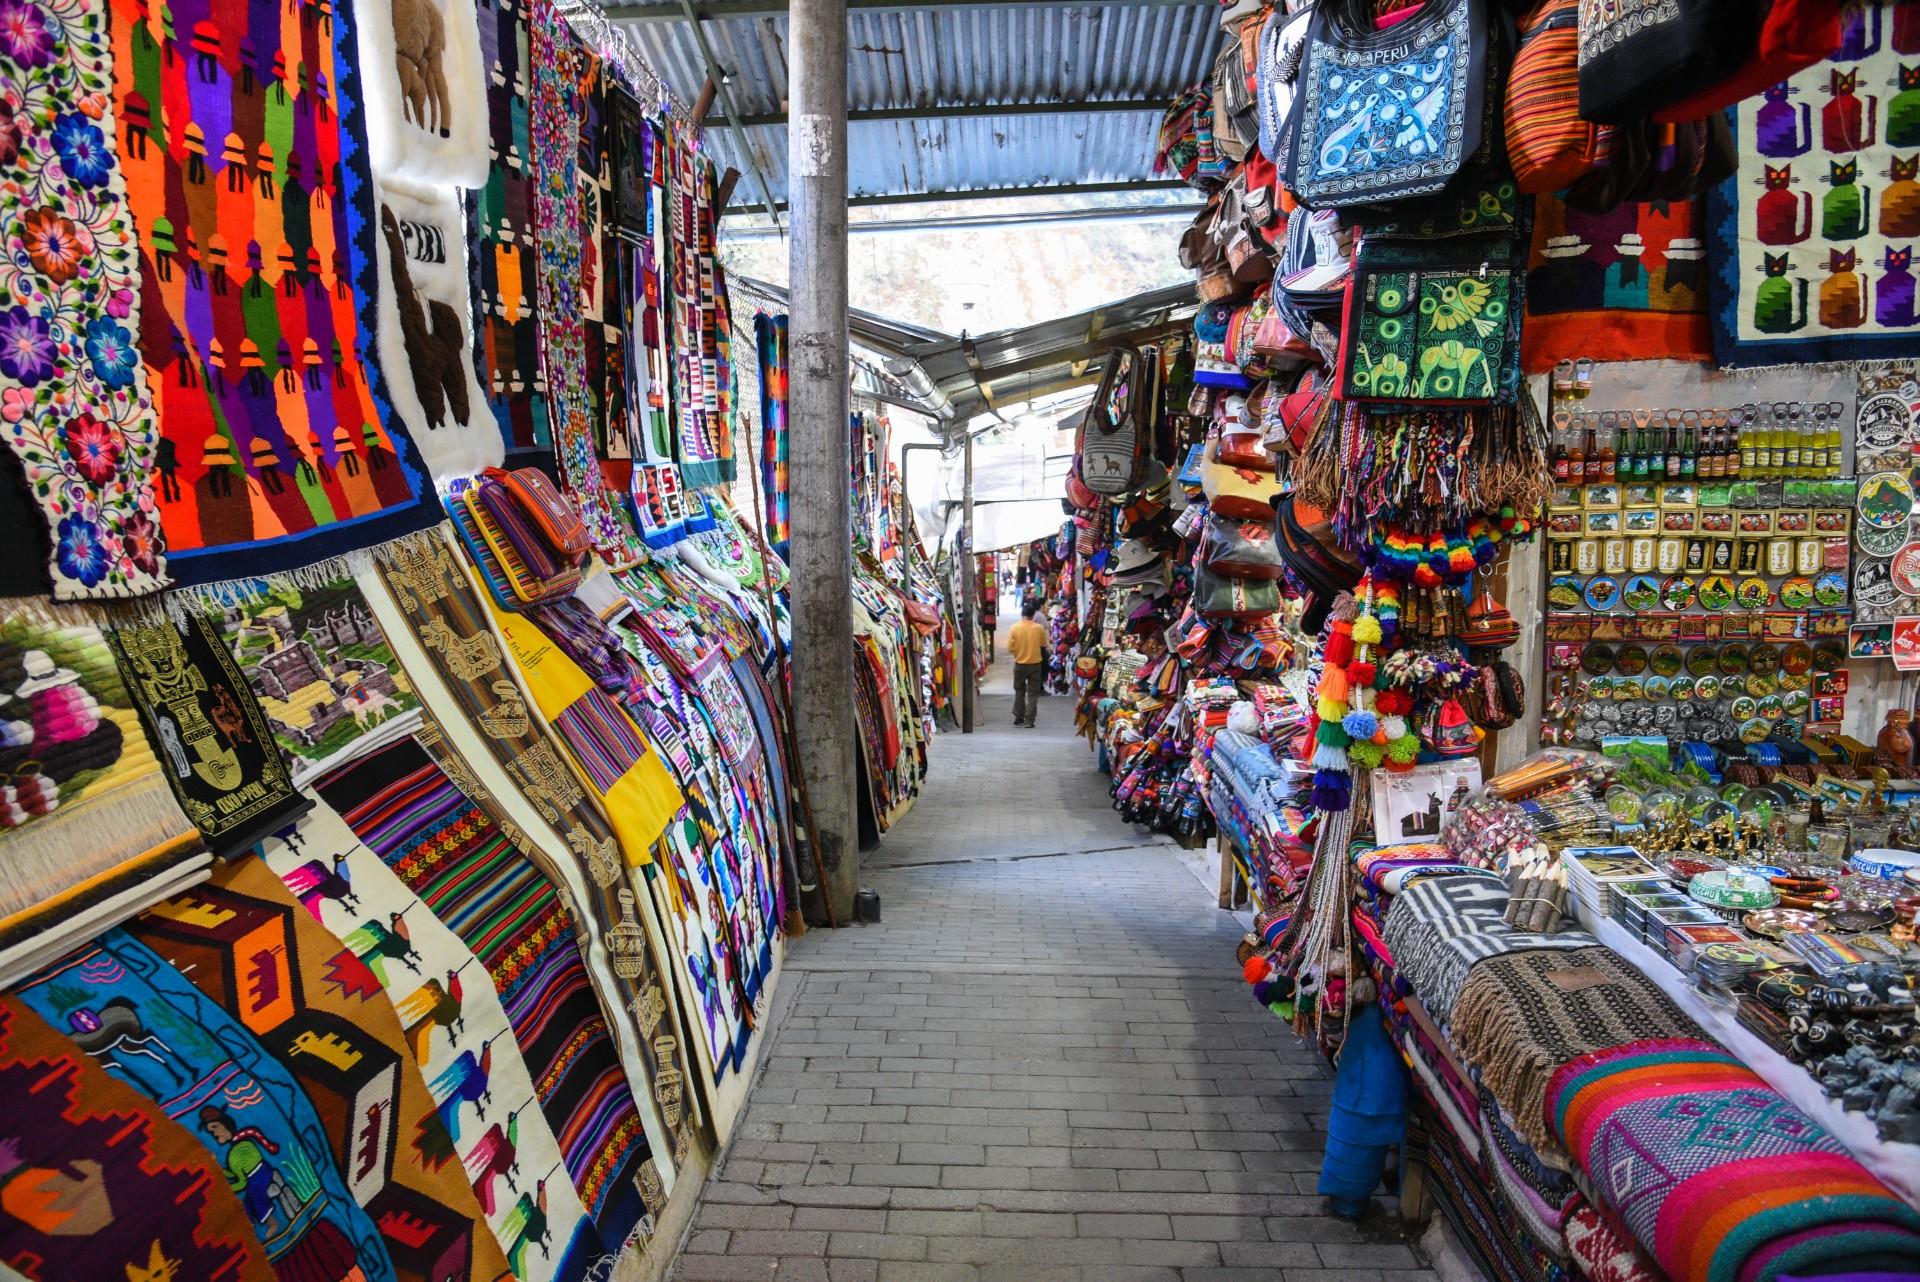 Mercado de Artesanatoem Aguas Calientes